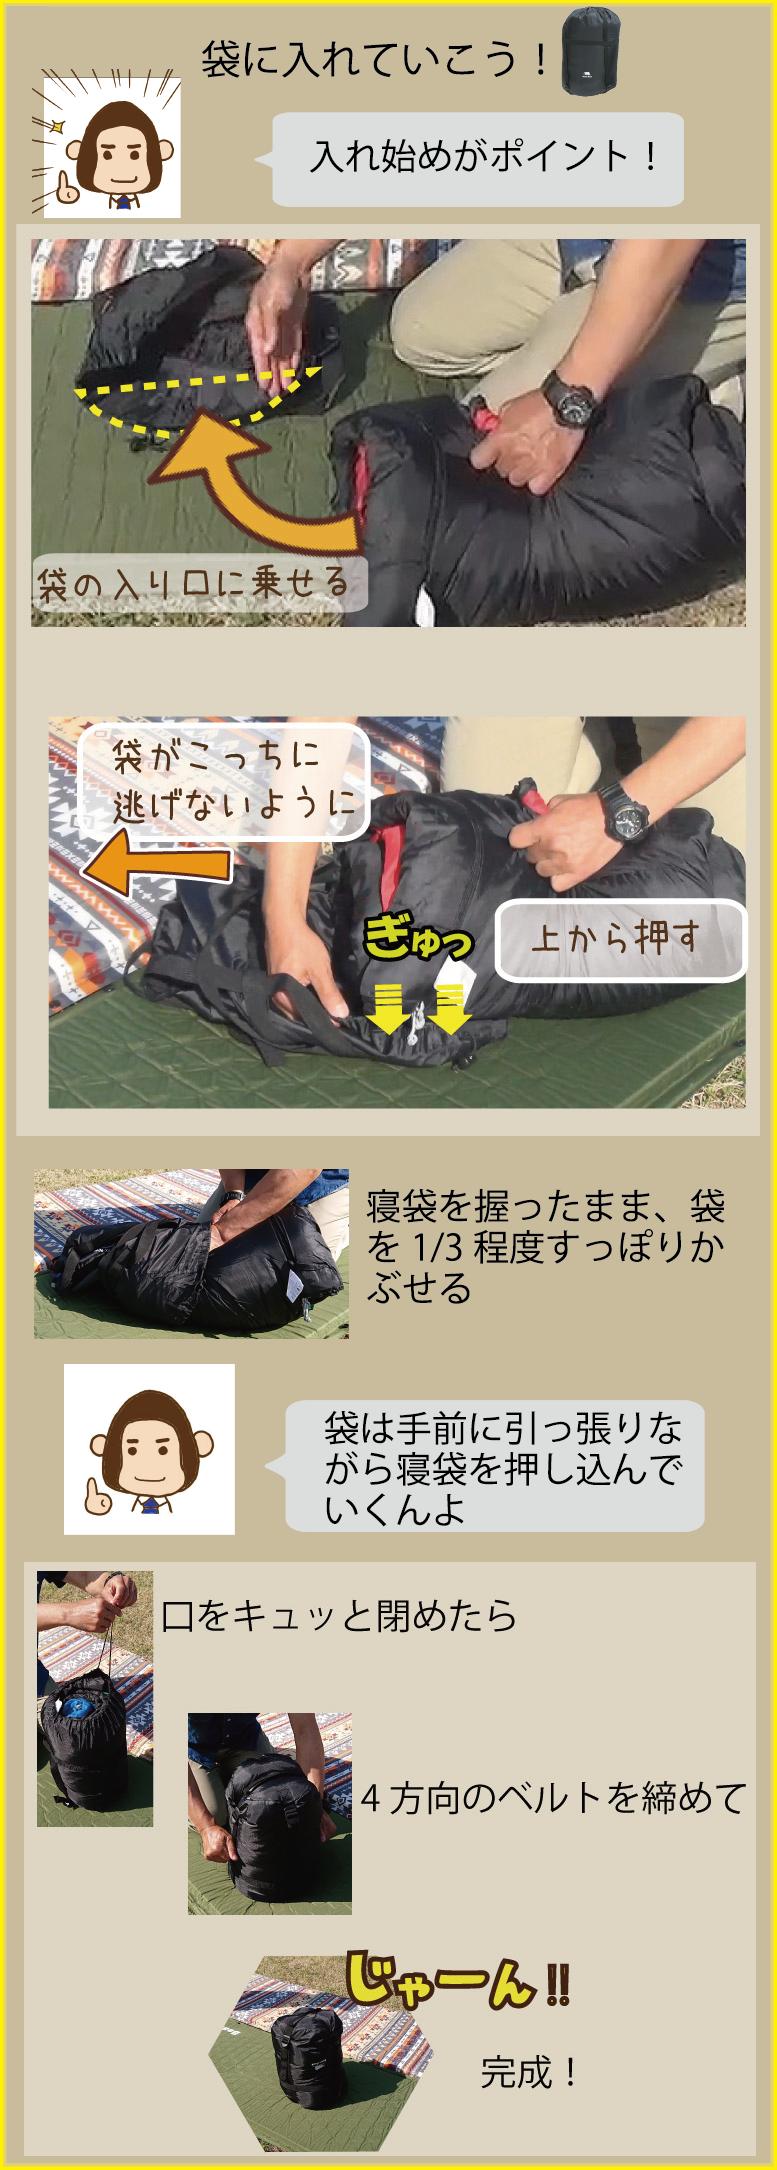 #001寝袋のしまい方のコツ_14 (2)